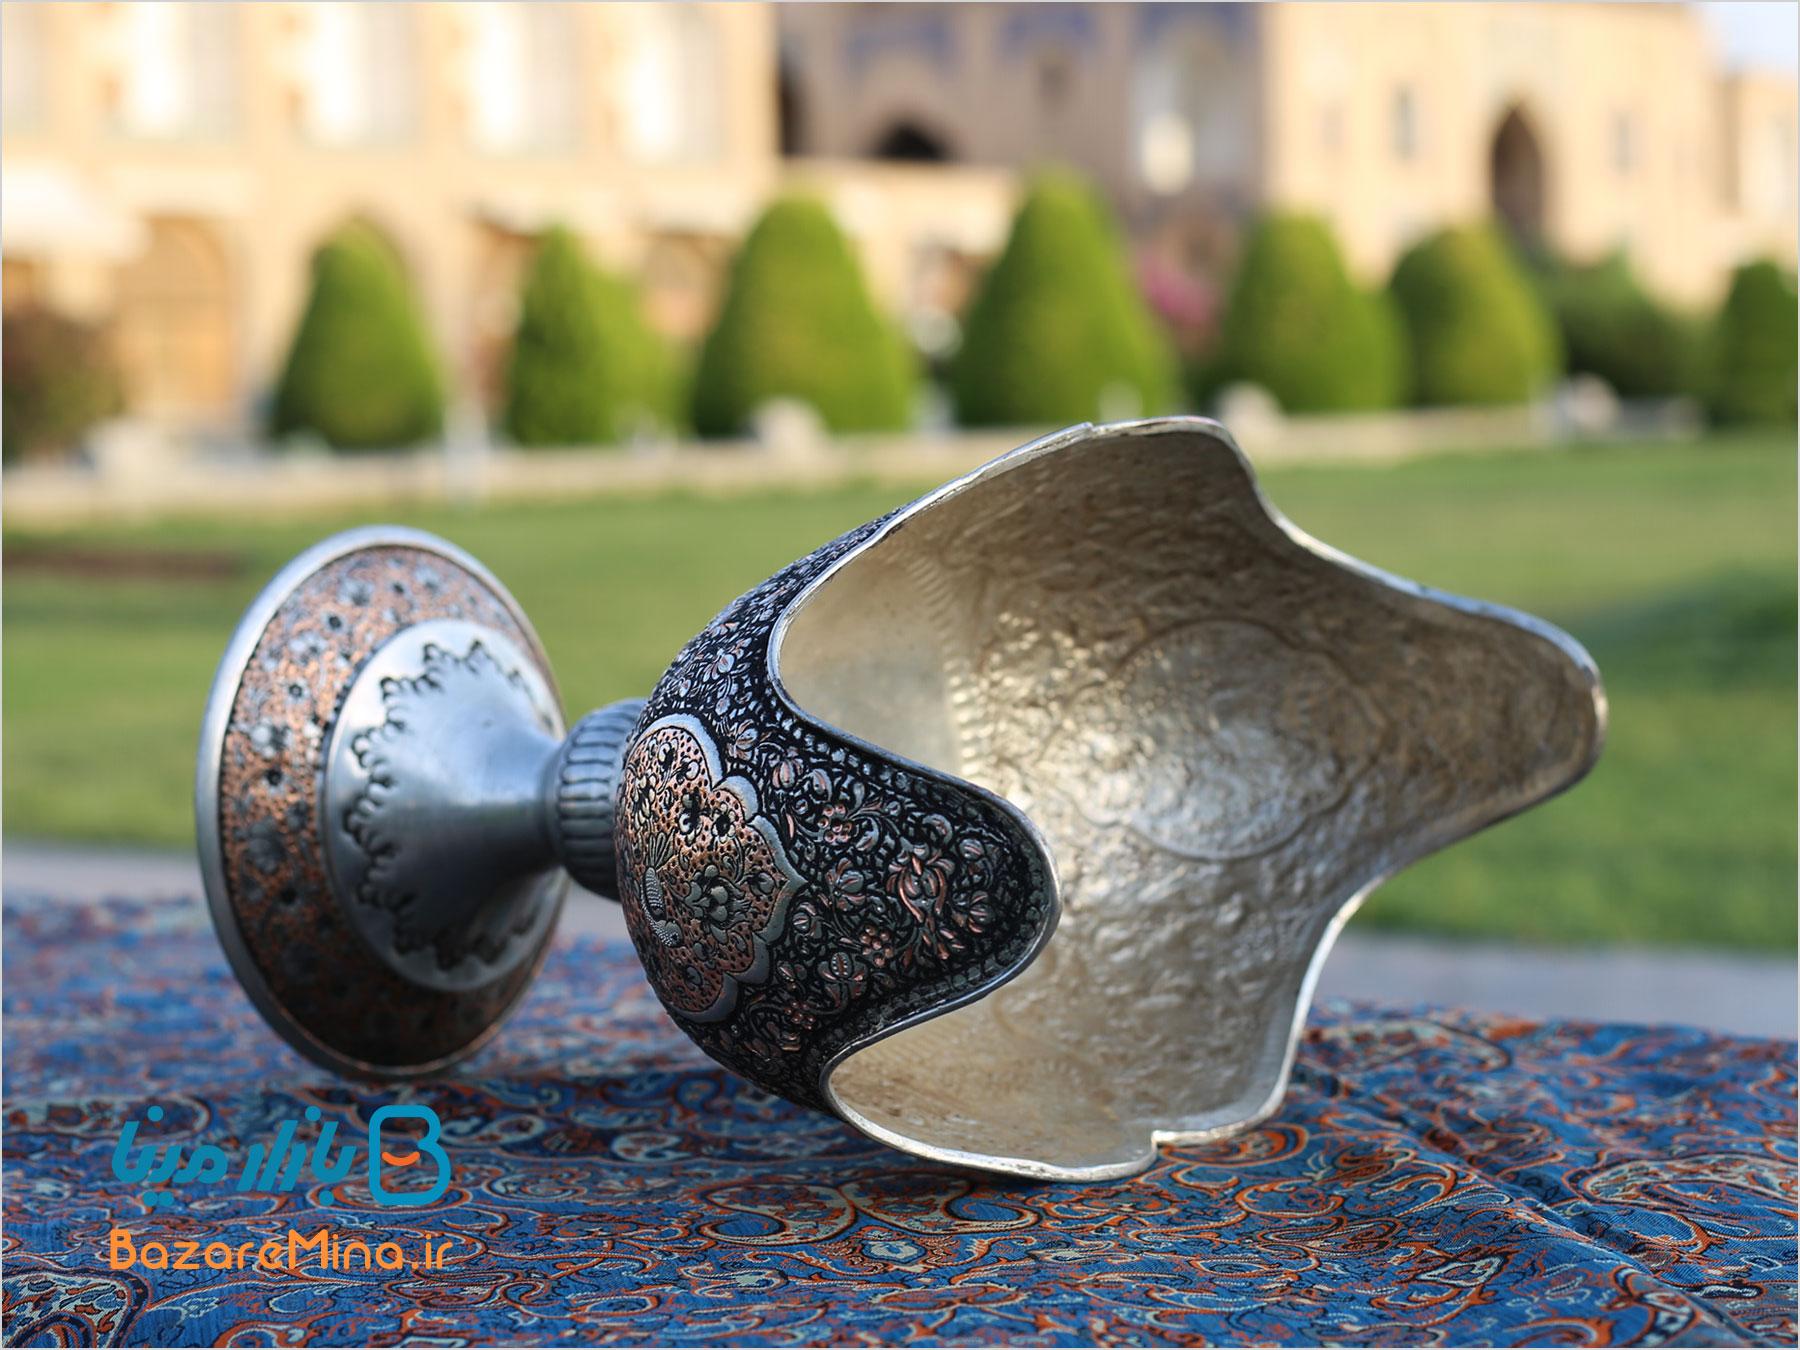 کشکول قلمزنی اصفهان